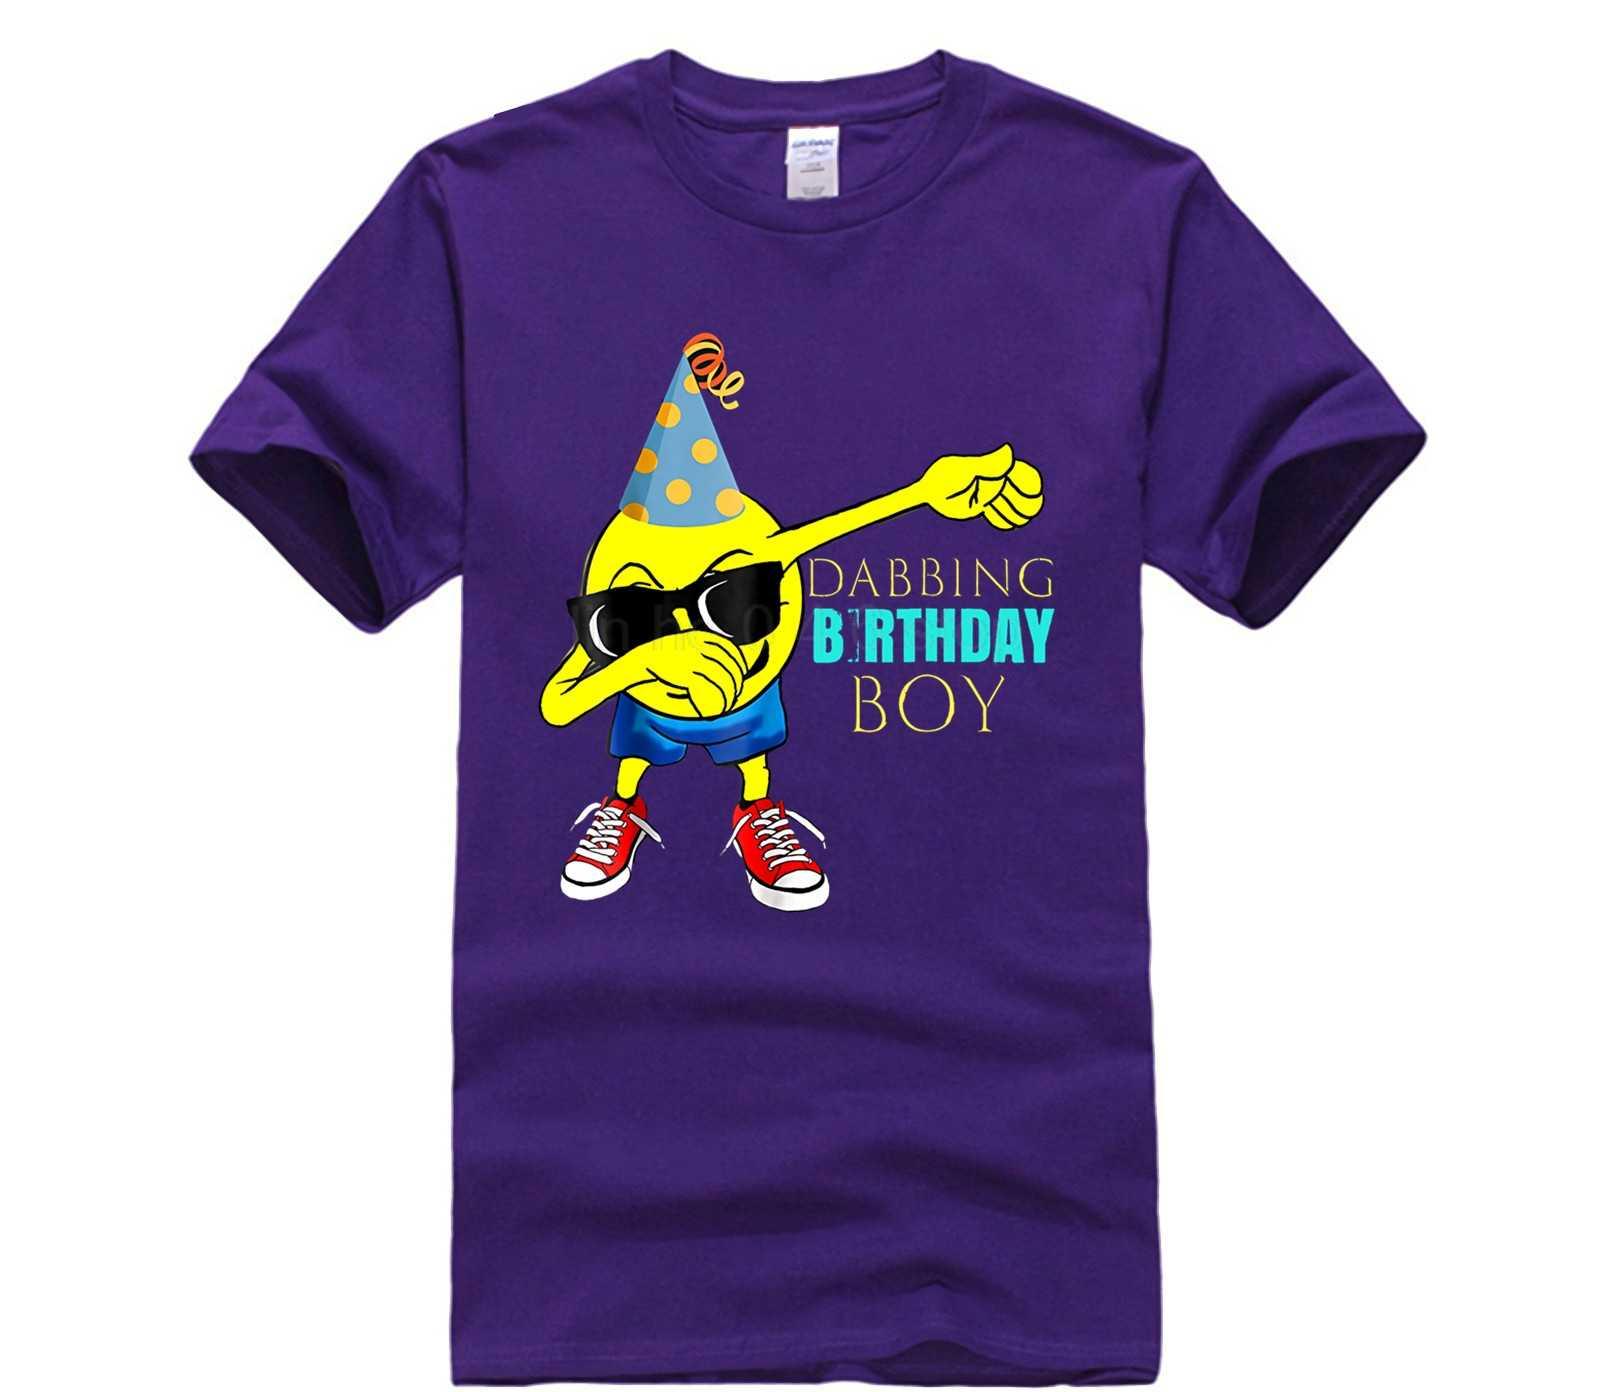 Тренды, крутая футболка на день рождения с эмодзи, вечерние наряды для мальчиков, подарок-2